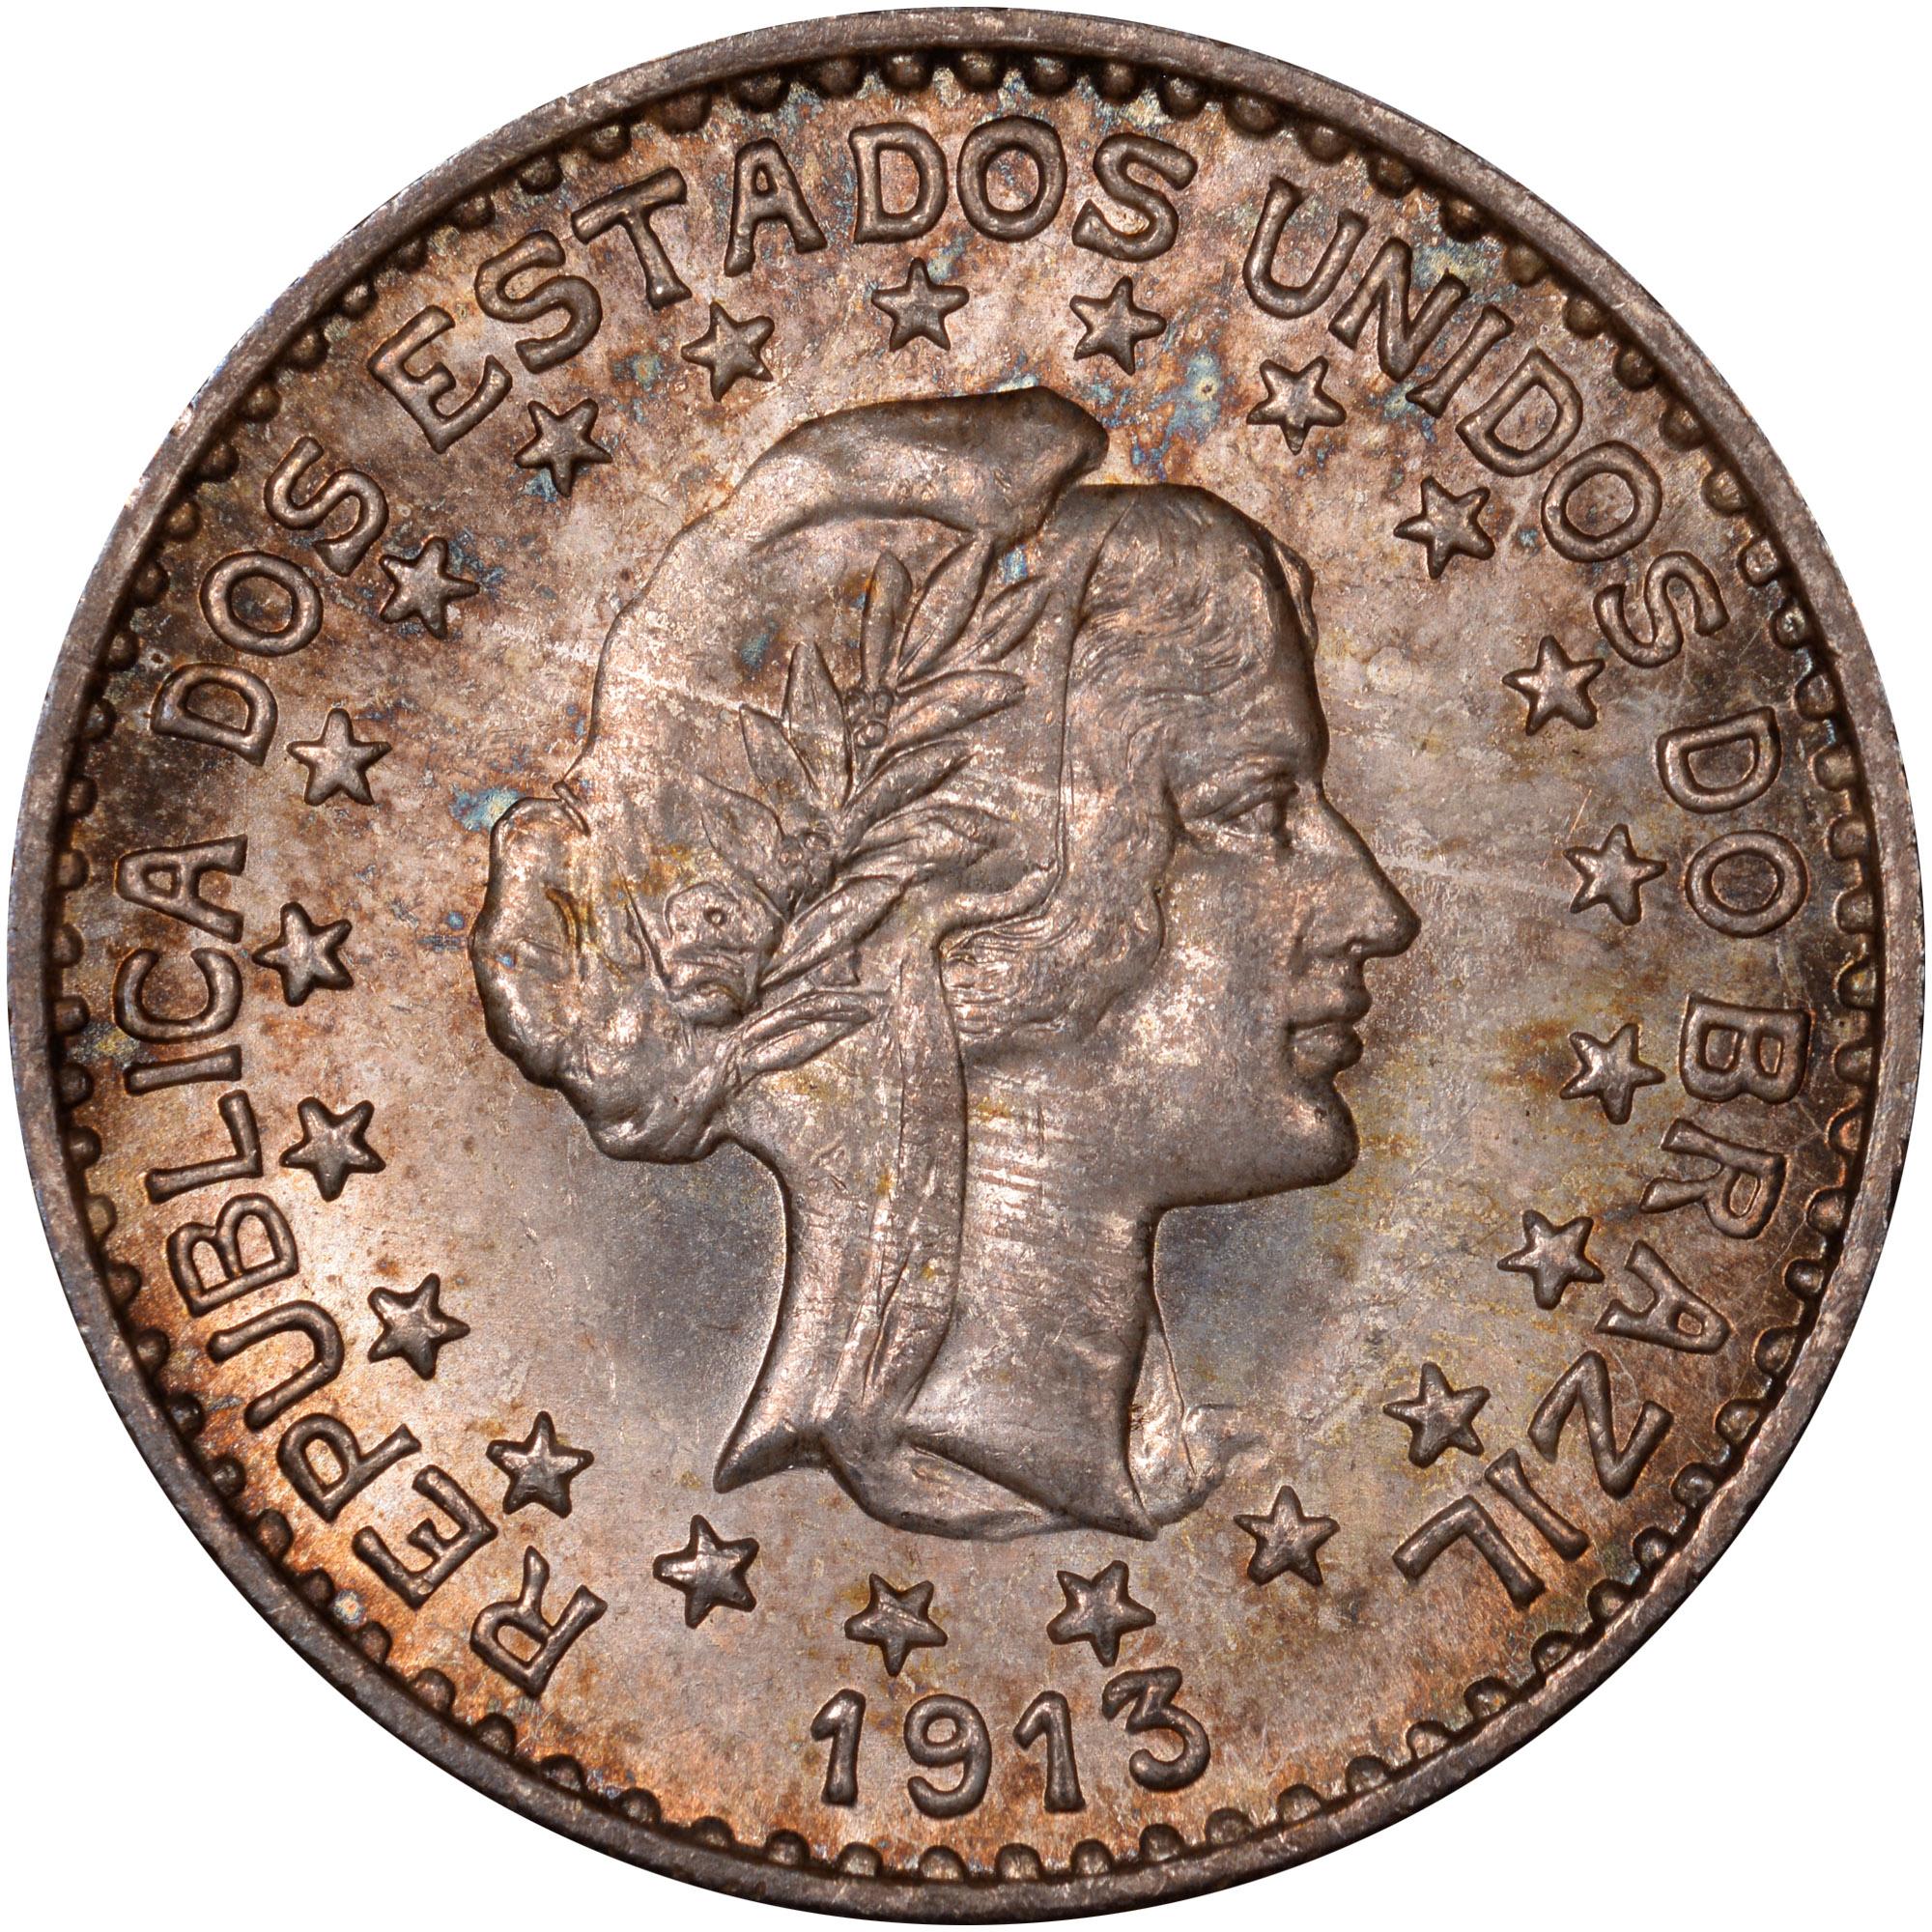 1913 Brazil 1000 Reis obverse